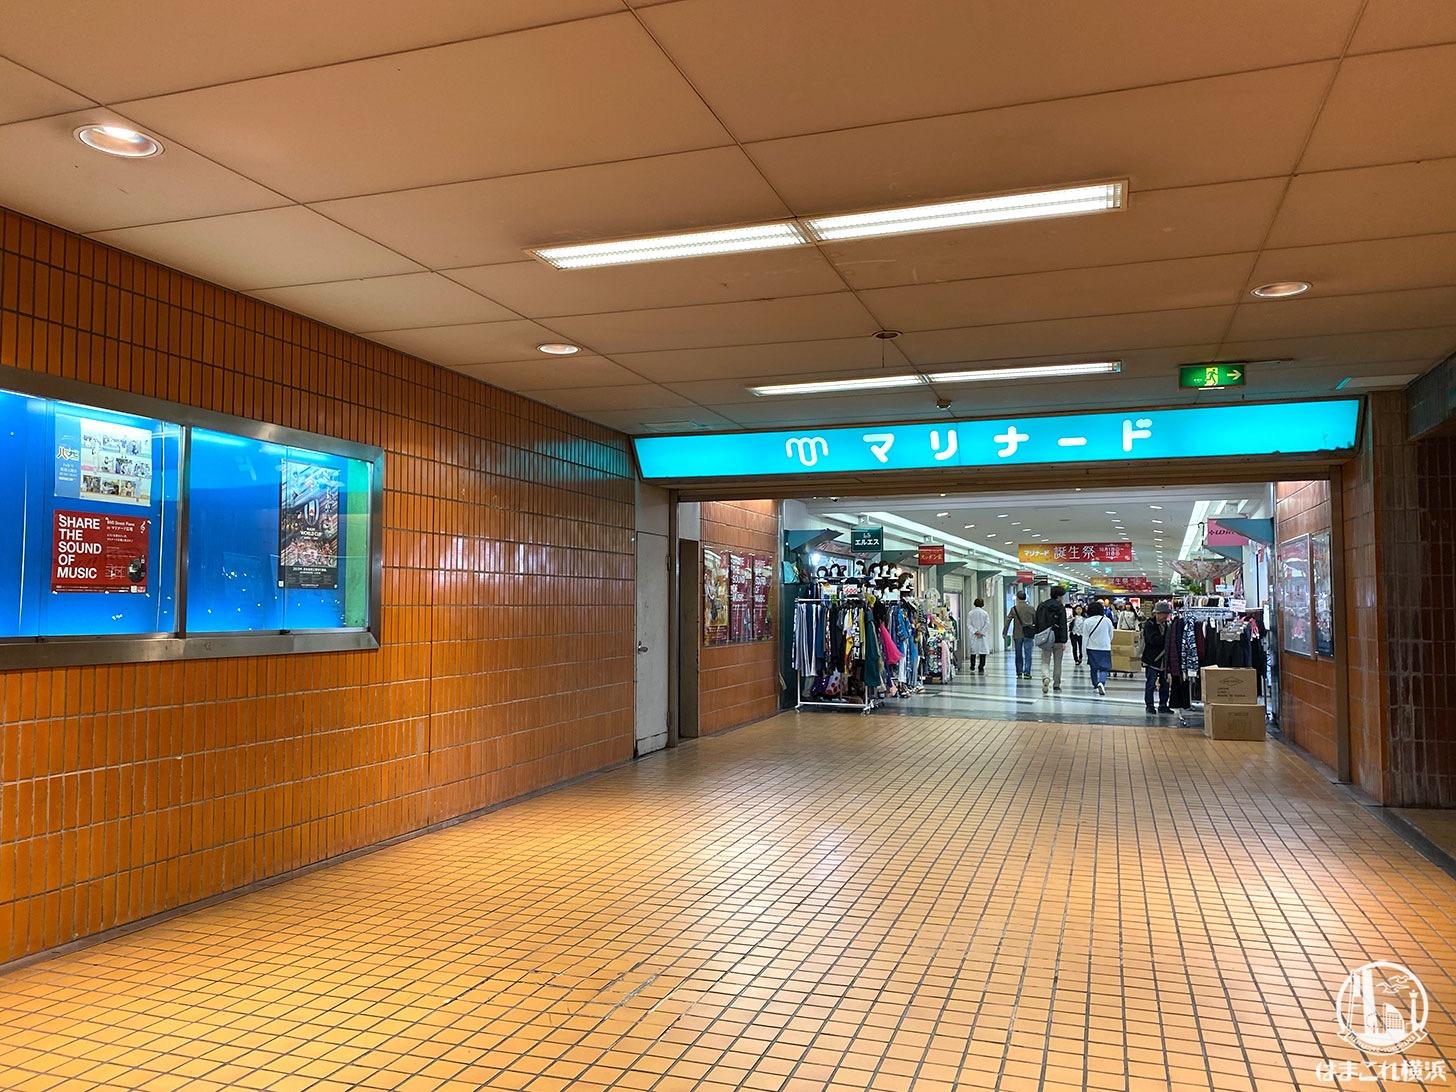 関内 マリナード地下街